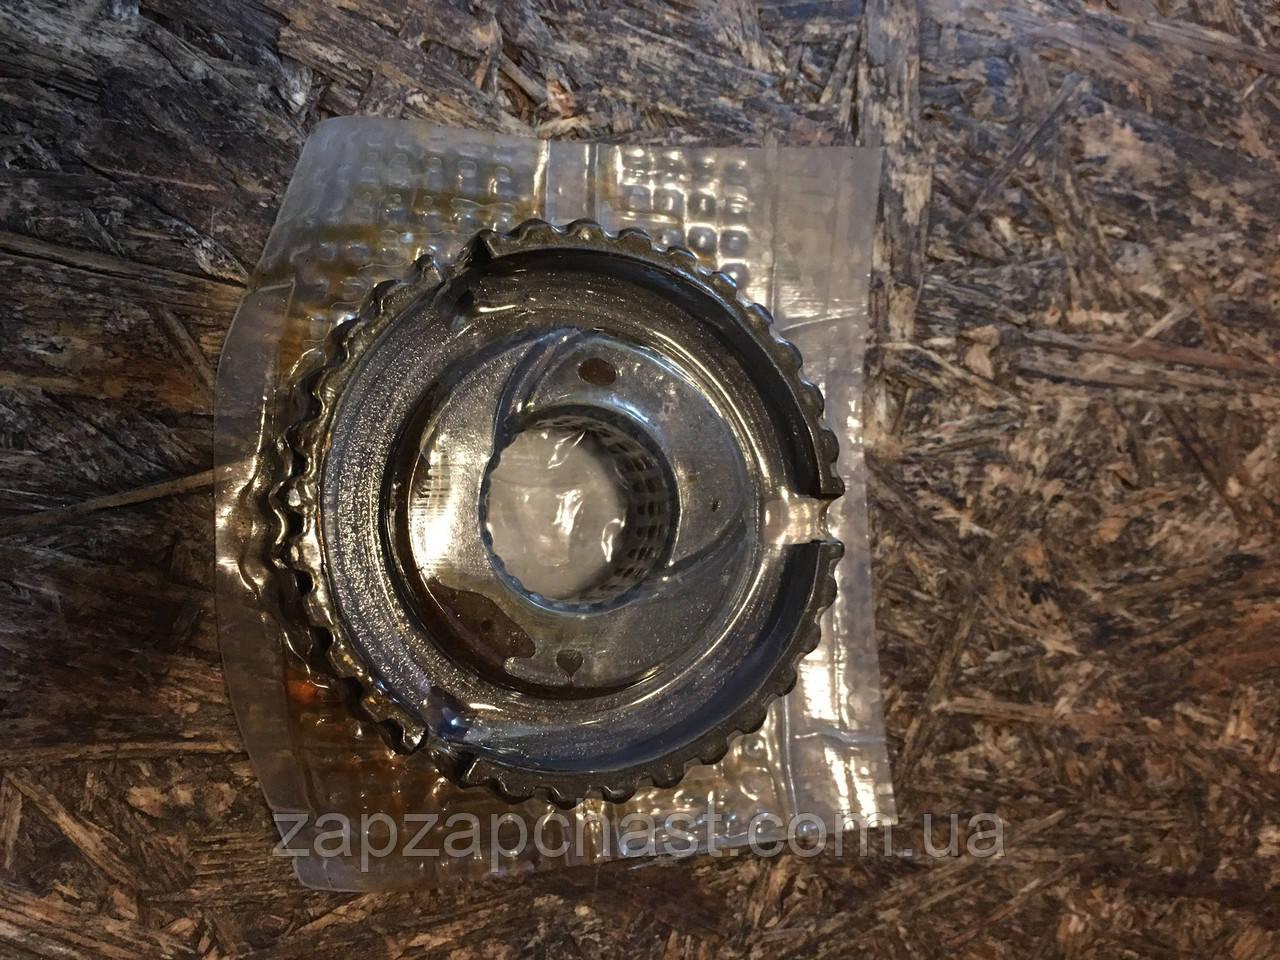 Ступица (маточина) муфты синхрониз.(5-ой) передачи КПП Заз 1102 1103 таврия славута завод A-245-1701156